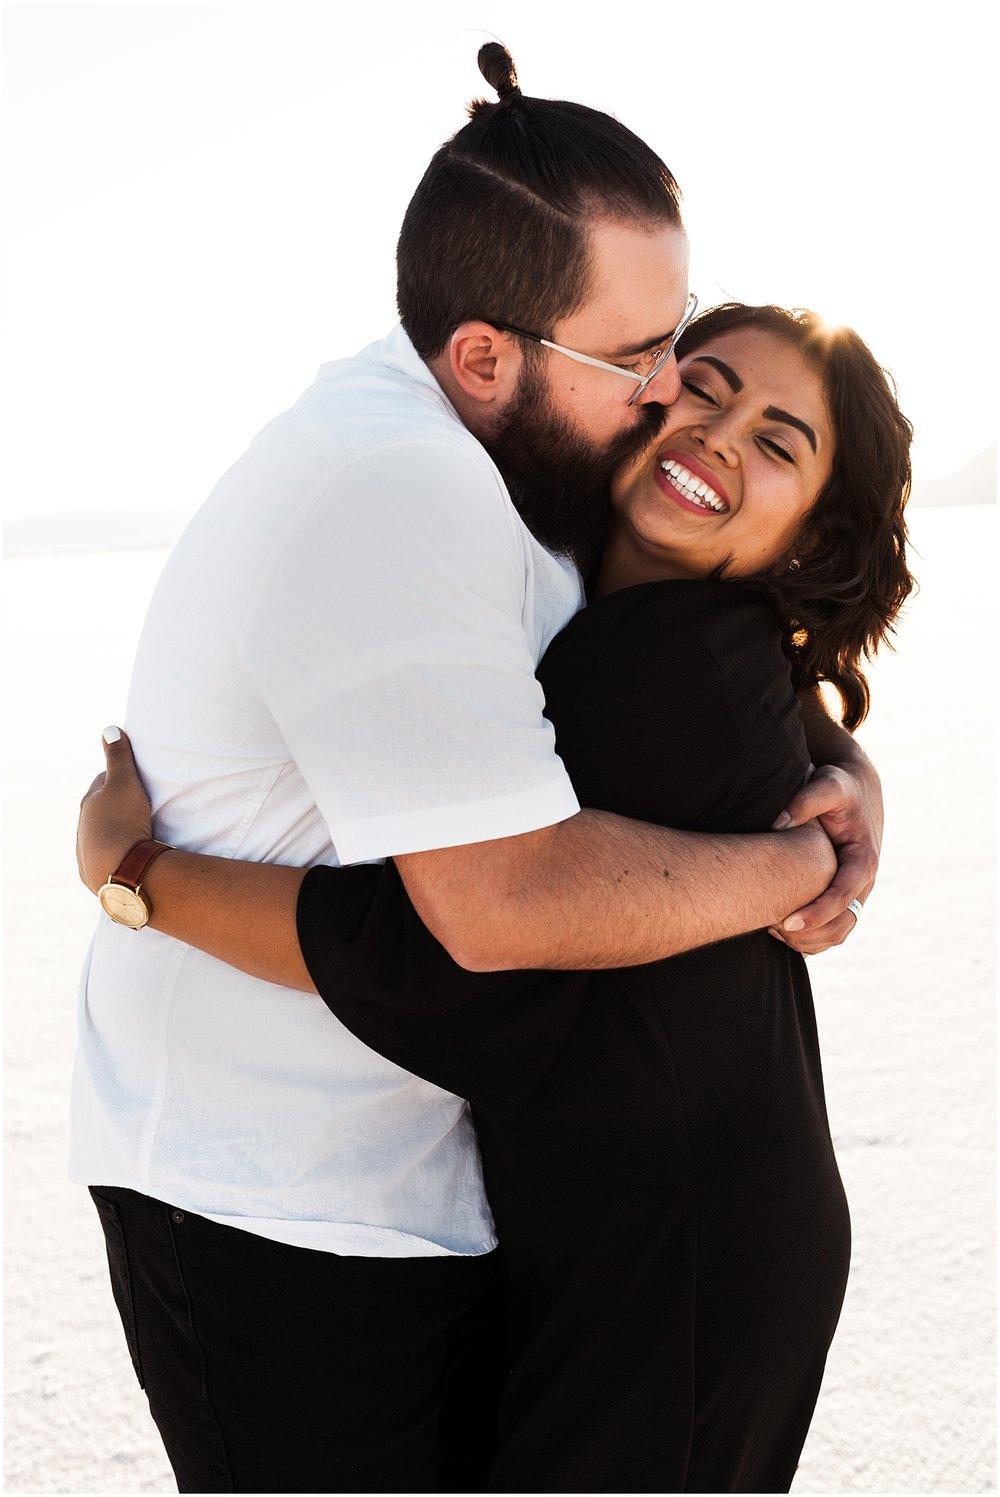 Candid Engagements-Rachel Reyes Photography-Lupita & Gabe Engagements.jpg